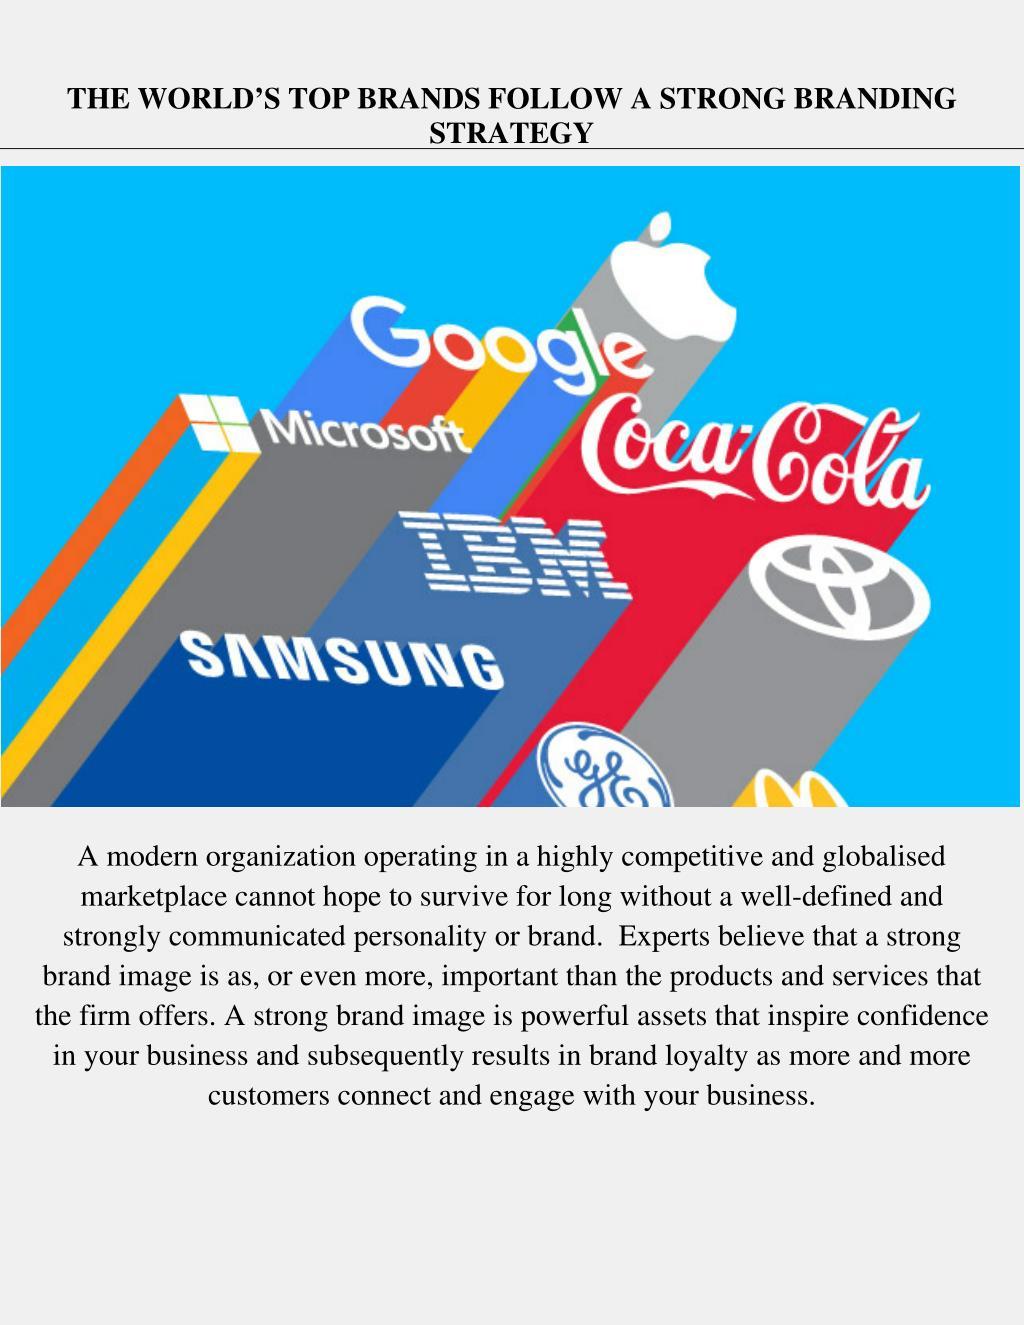 PPT - World's Top Brands Follow a Strong Branding Strategy